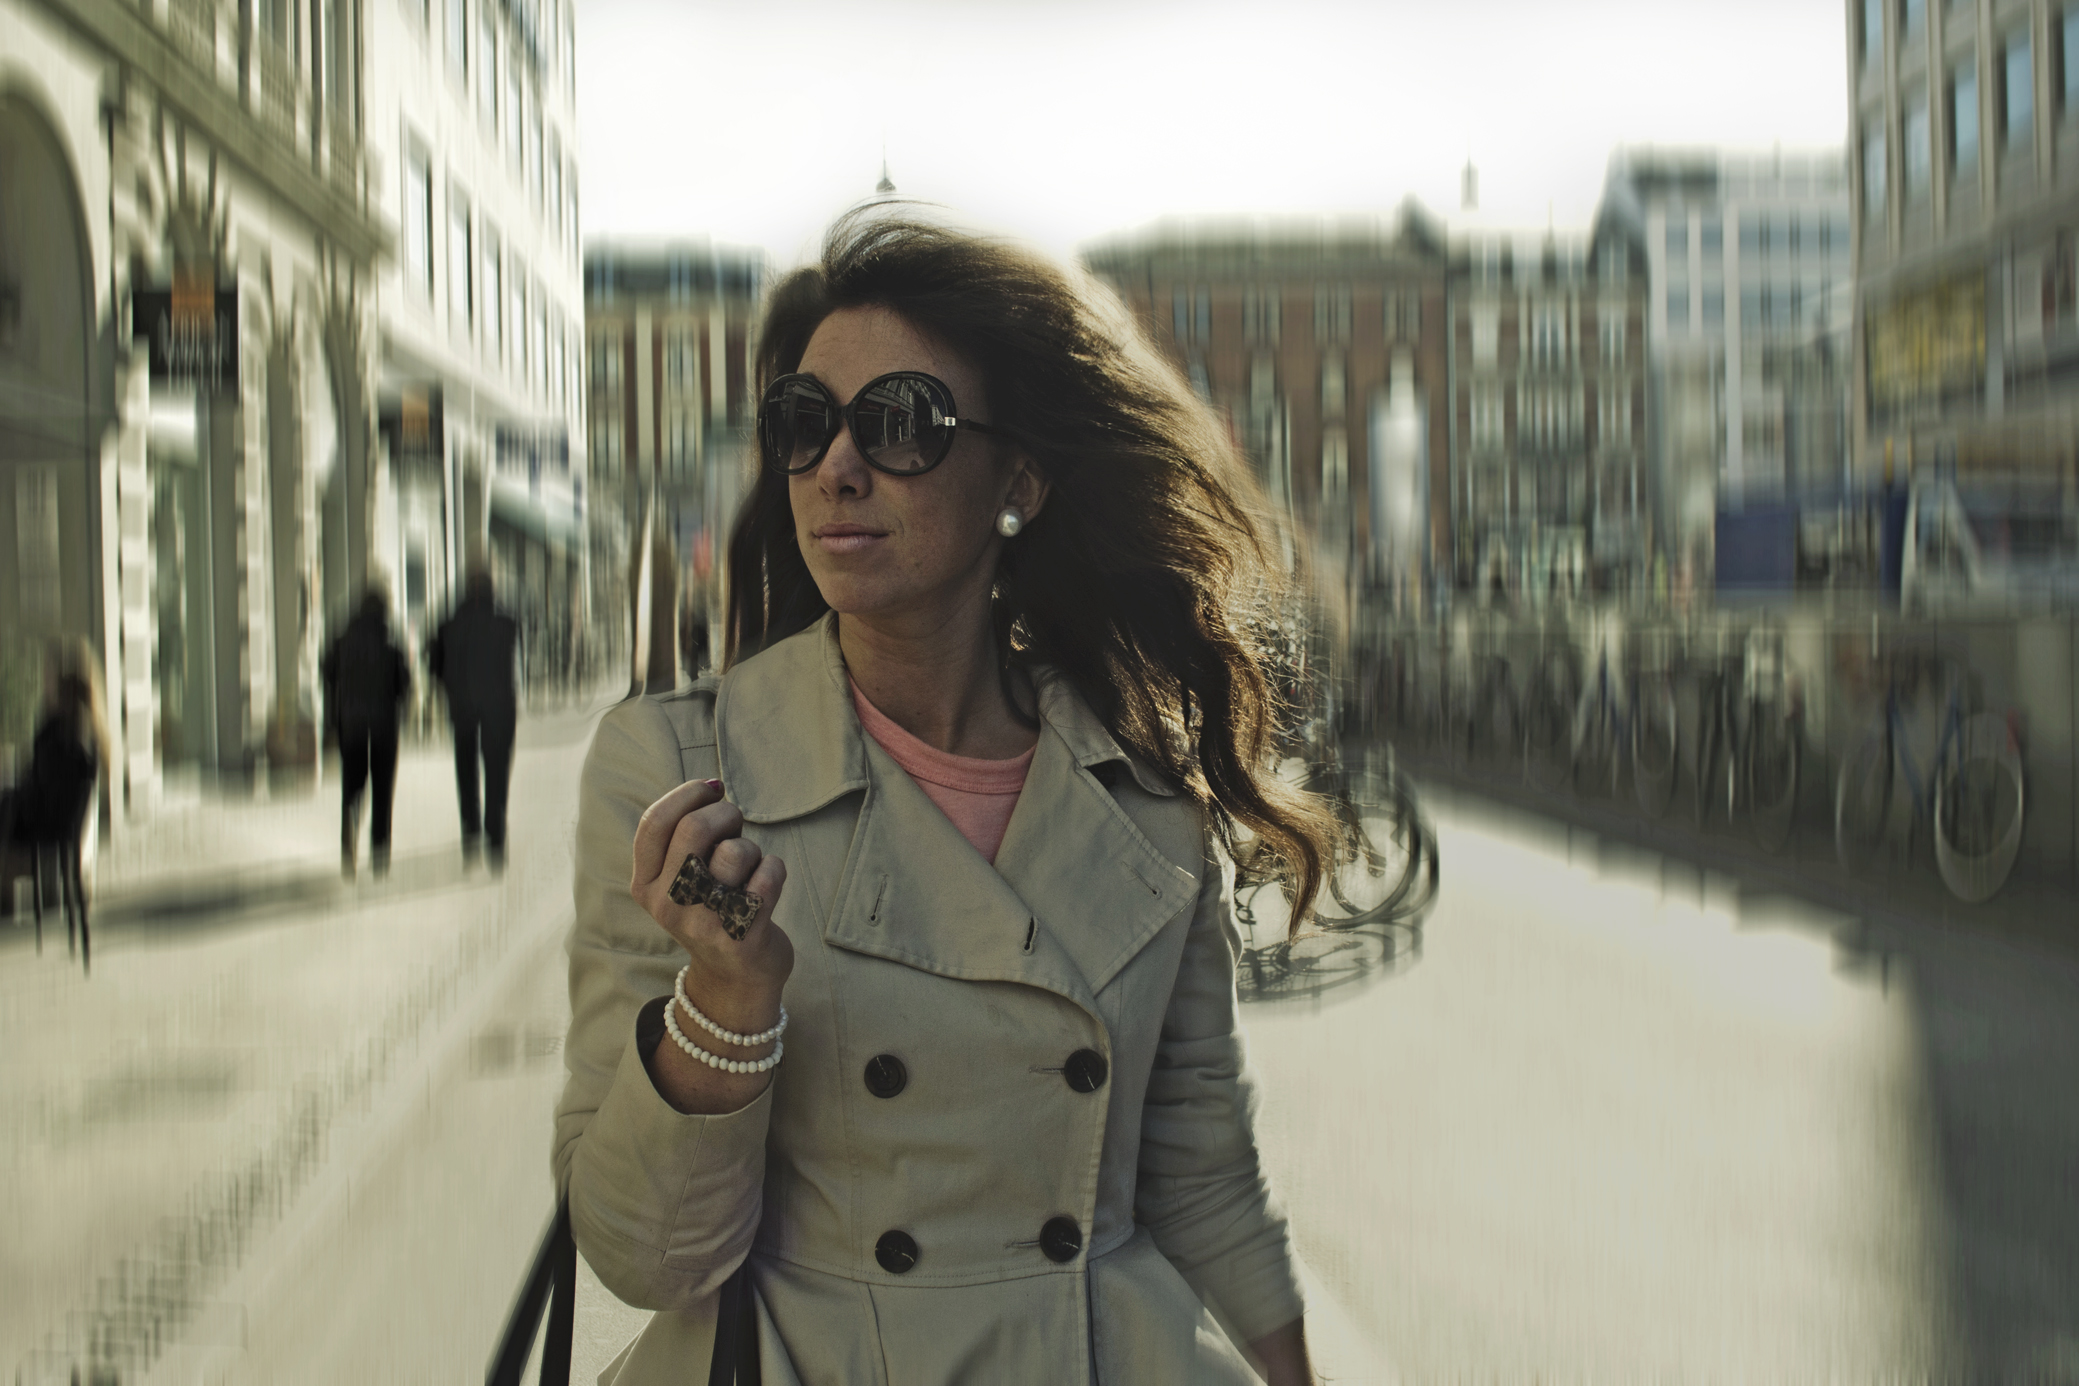 街中を歩く女性